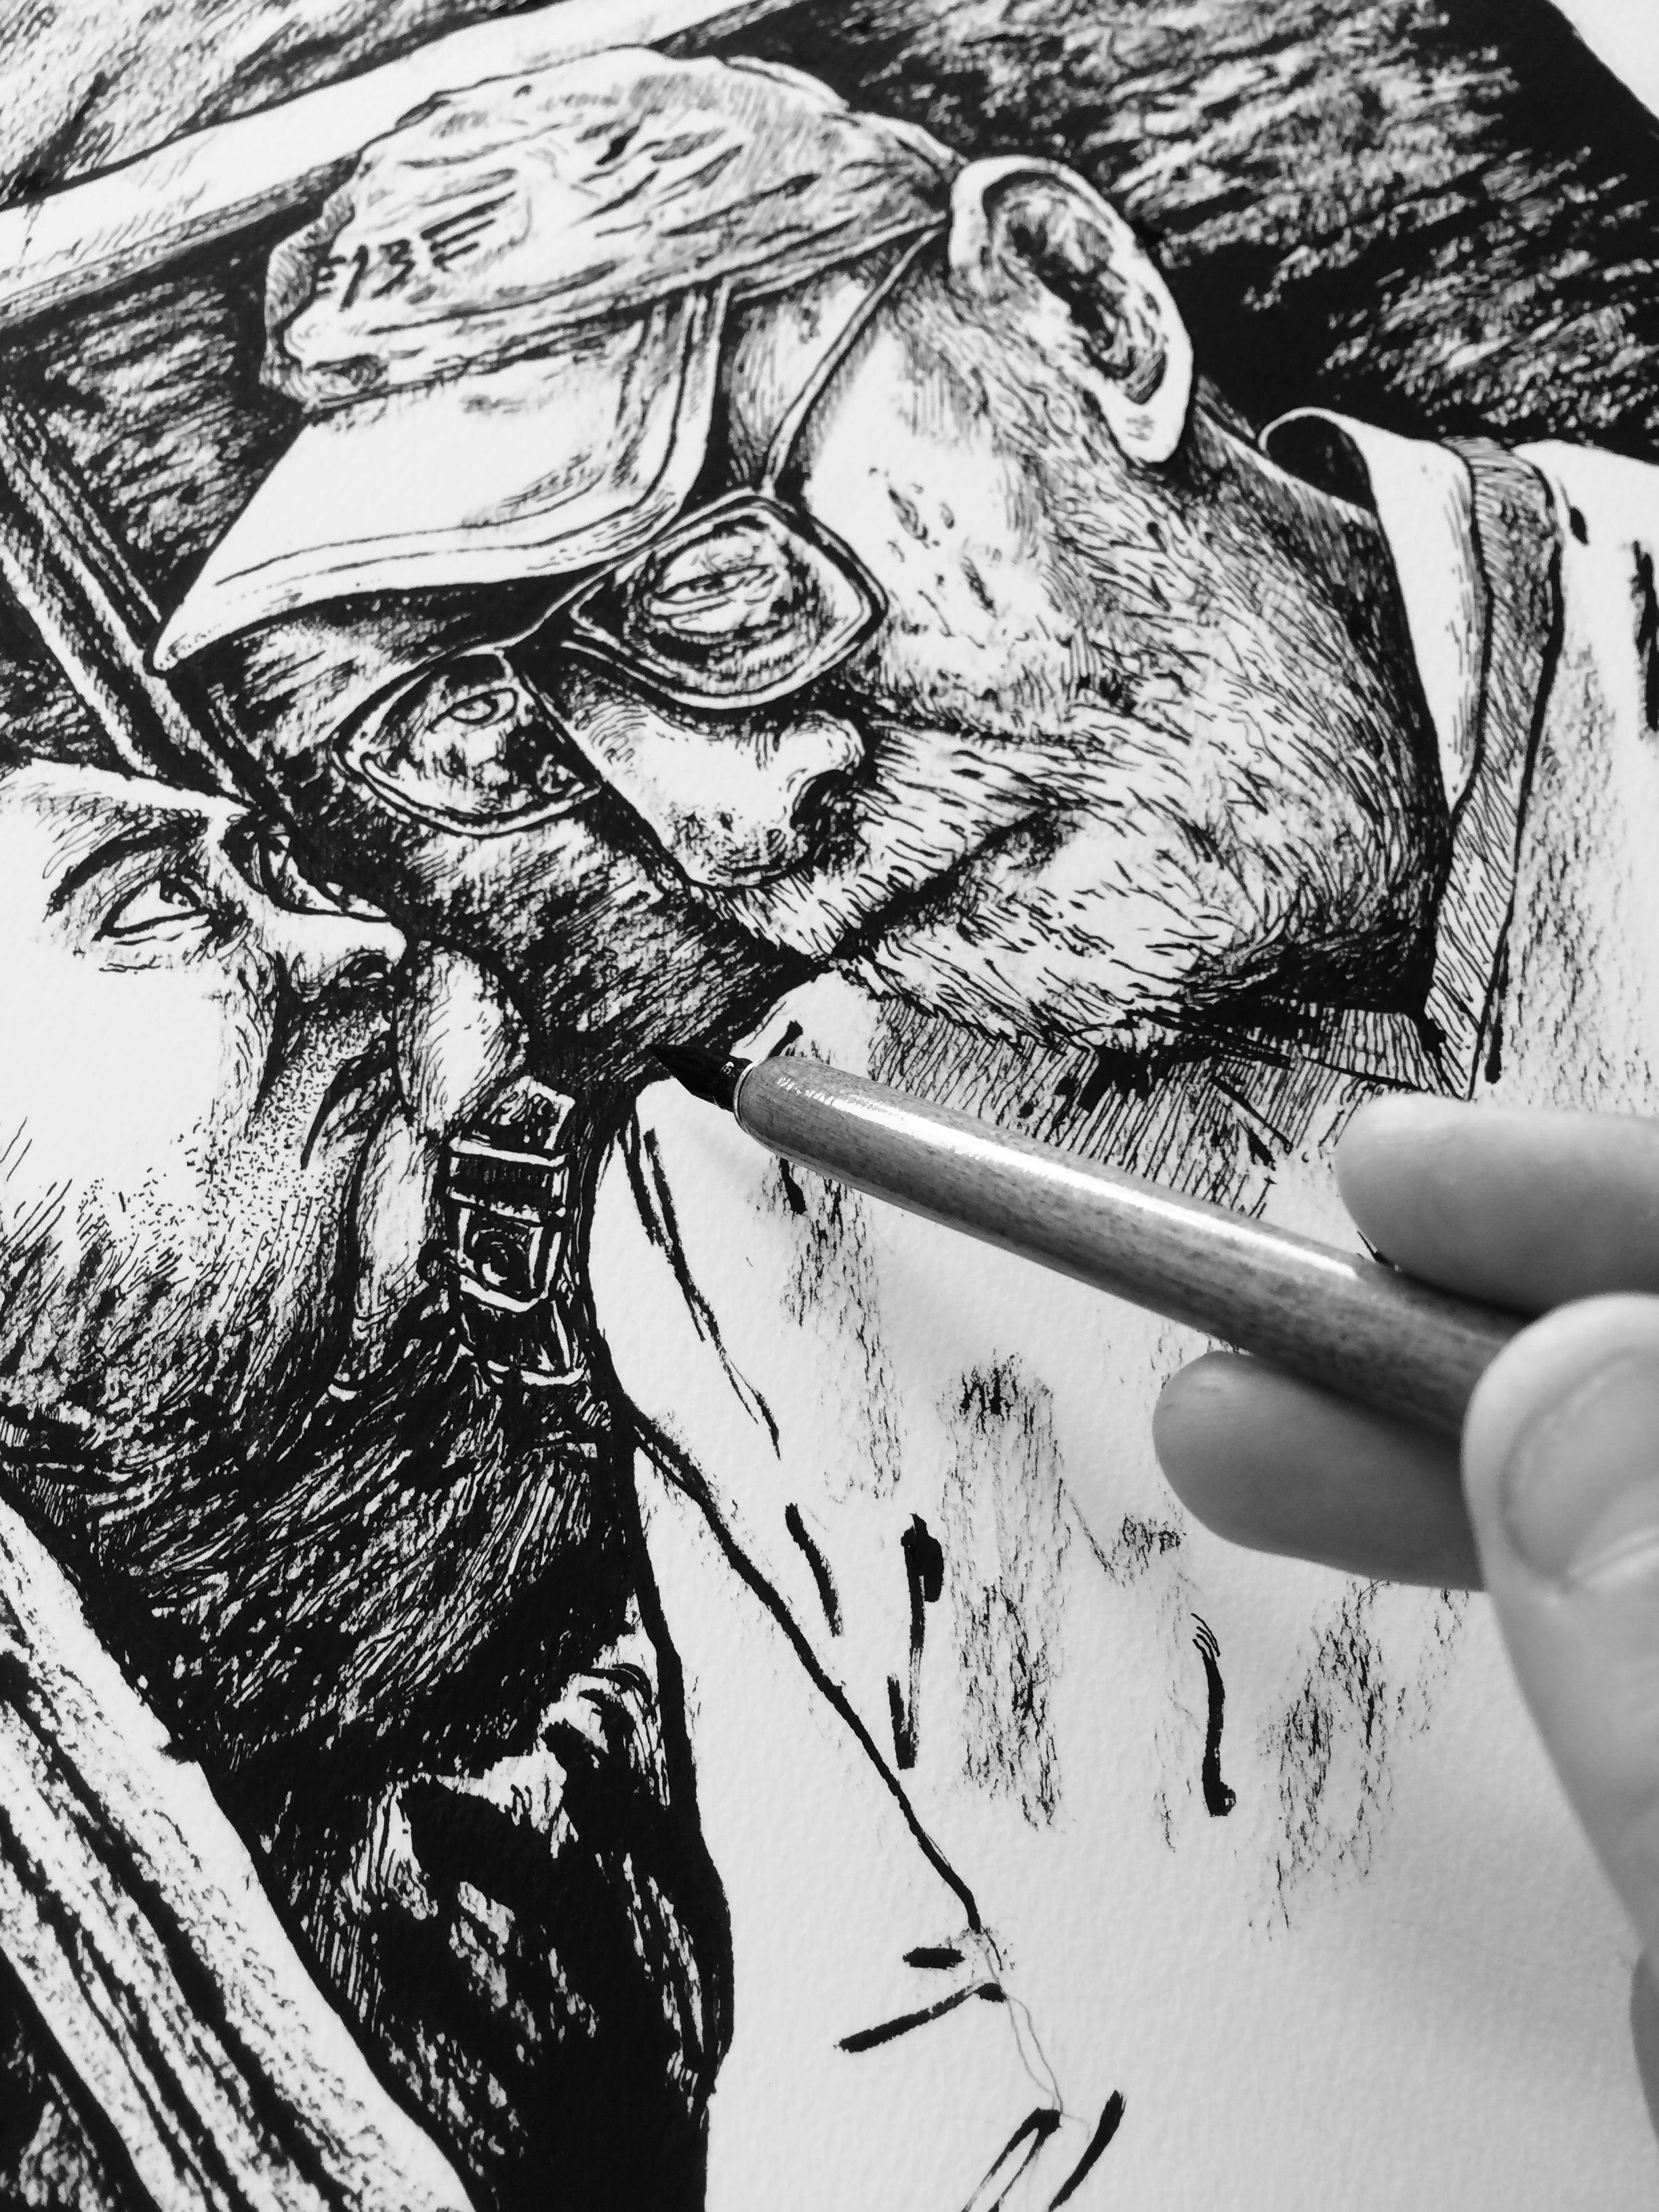 linha-sombra-exposicao-arte-ilustracao-11